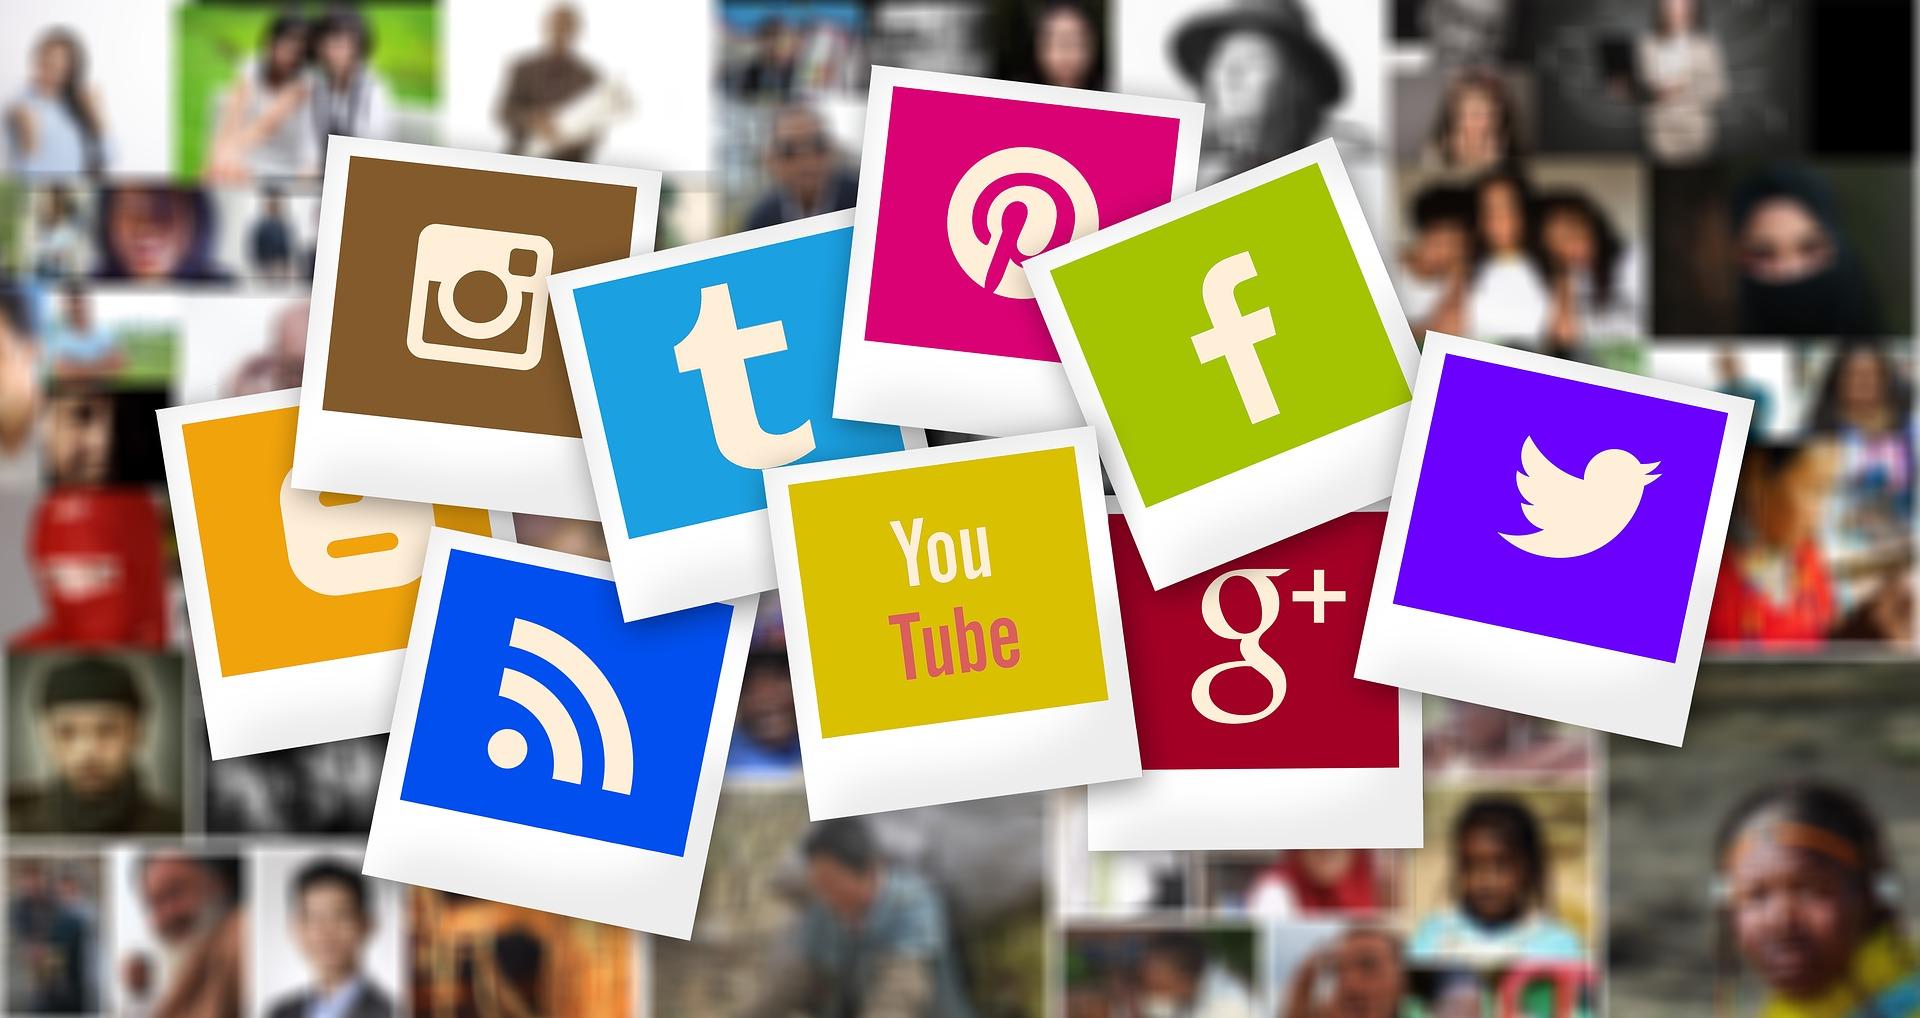 Stai posizionando le tue icone di social media correttamente?